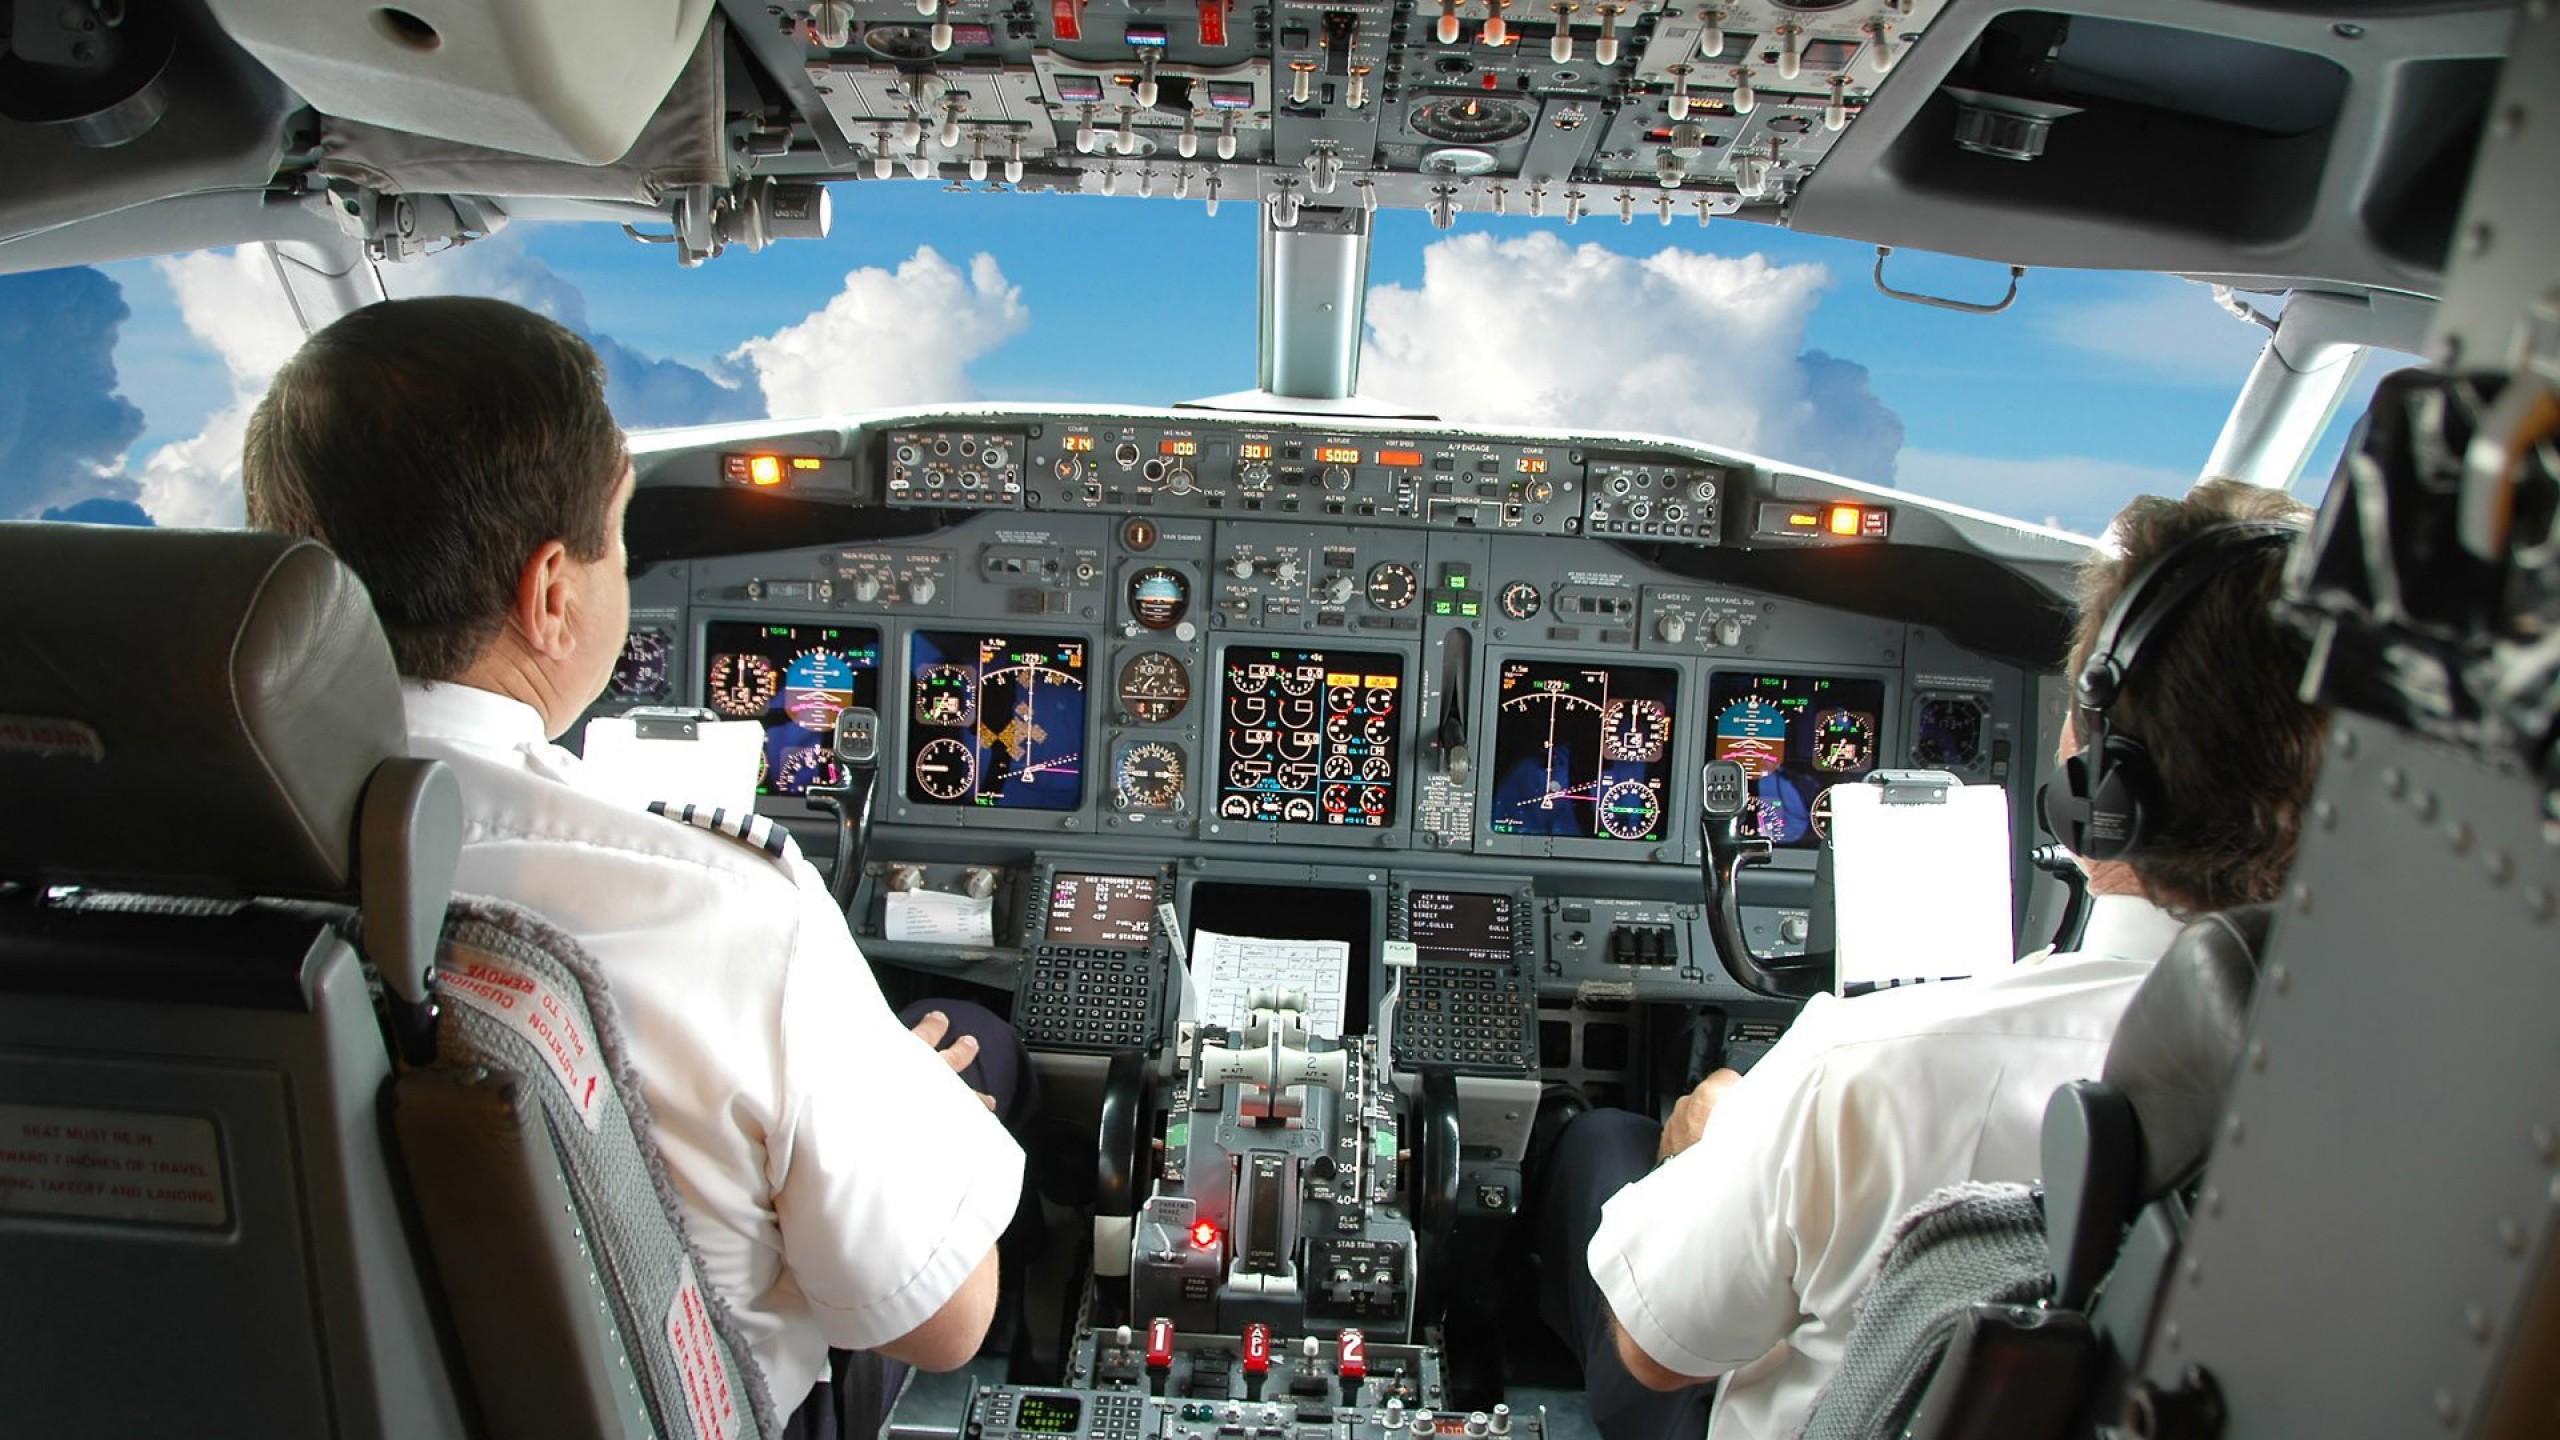 https://gdsit.cdn-immedia.net/2015/02/pilota-aereo.jpg